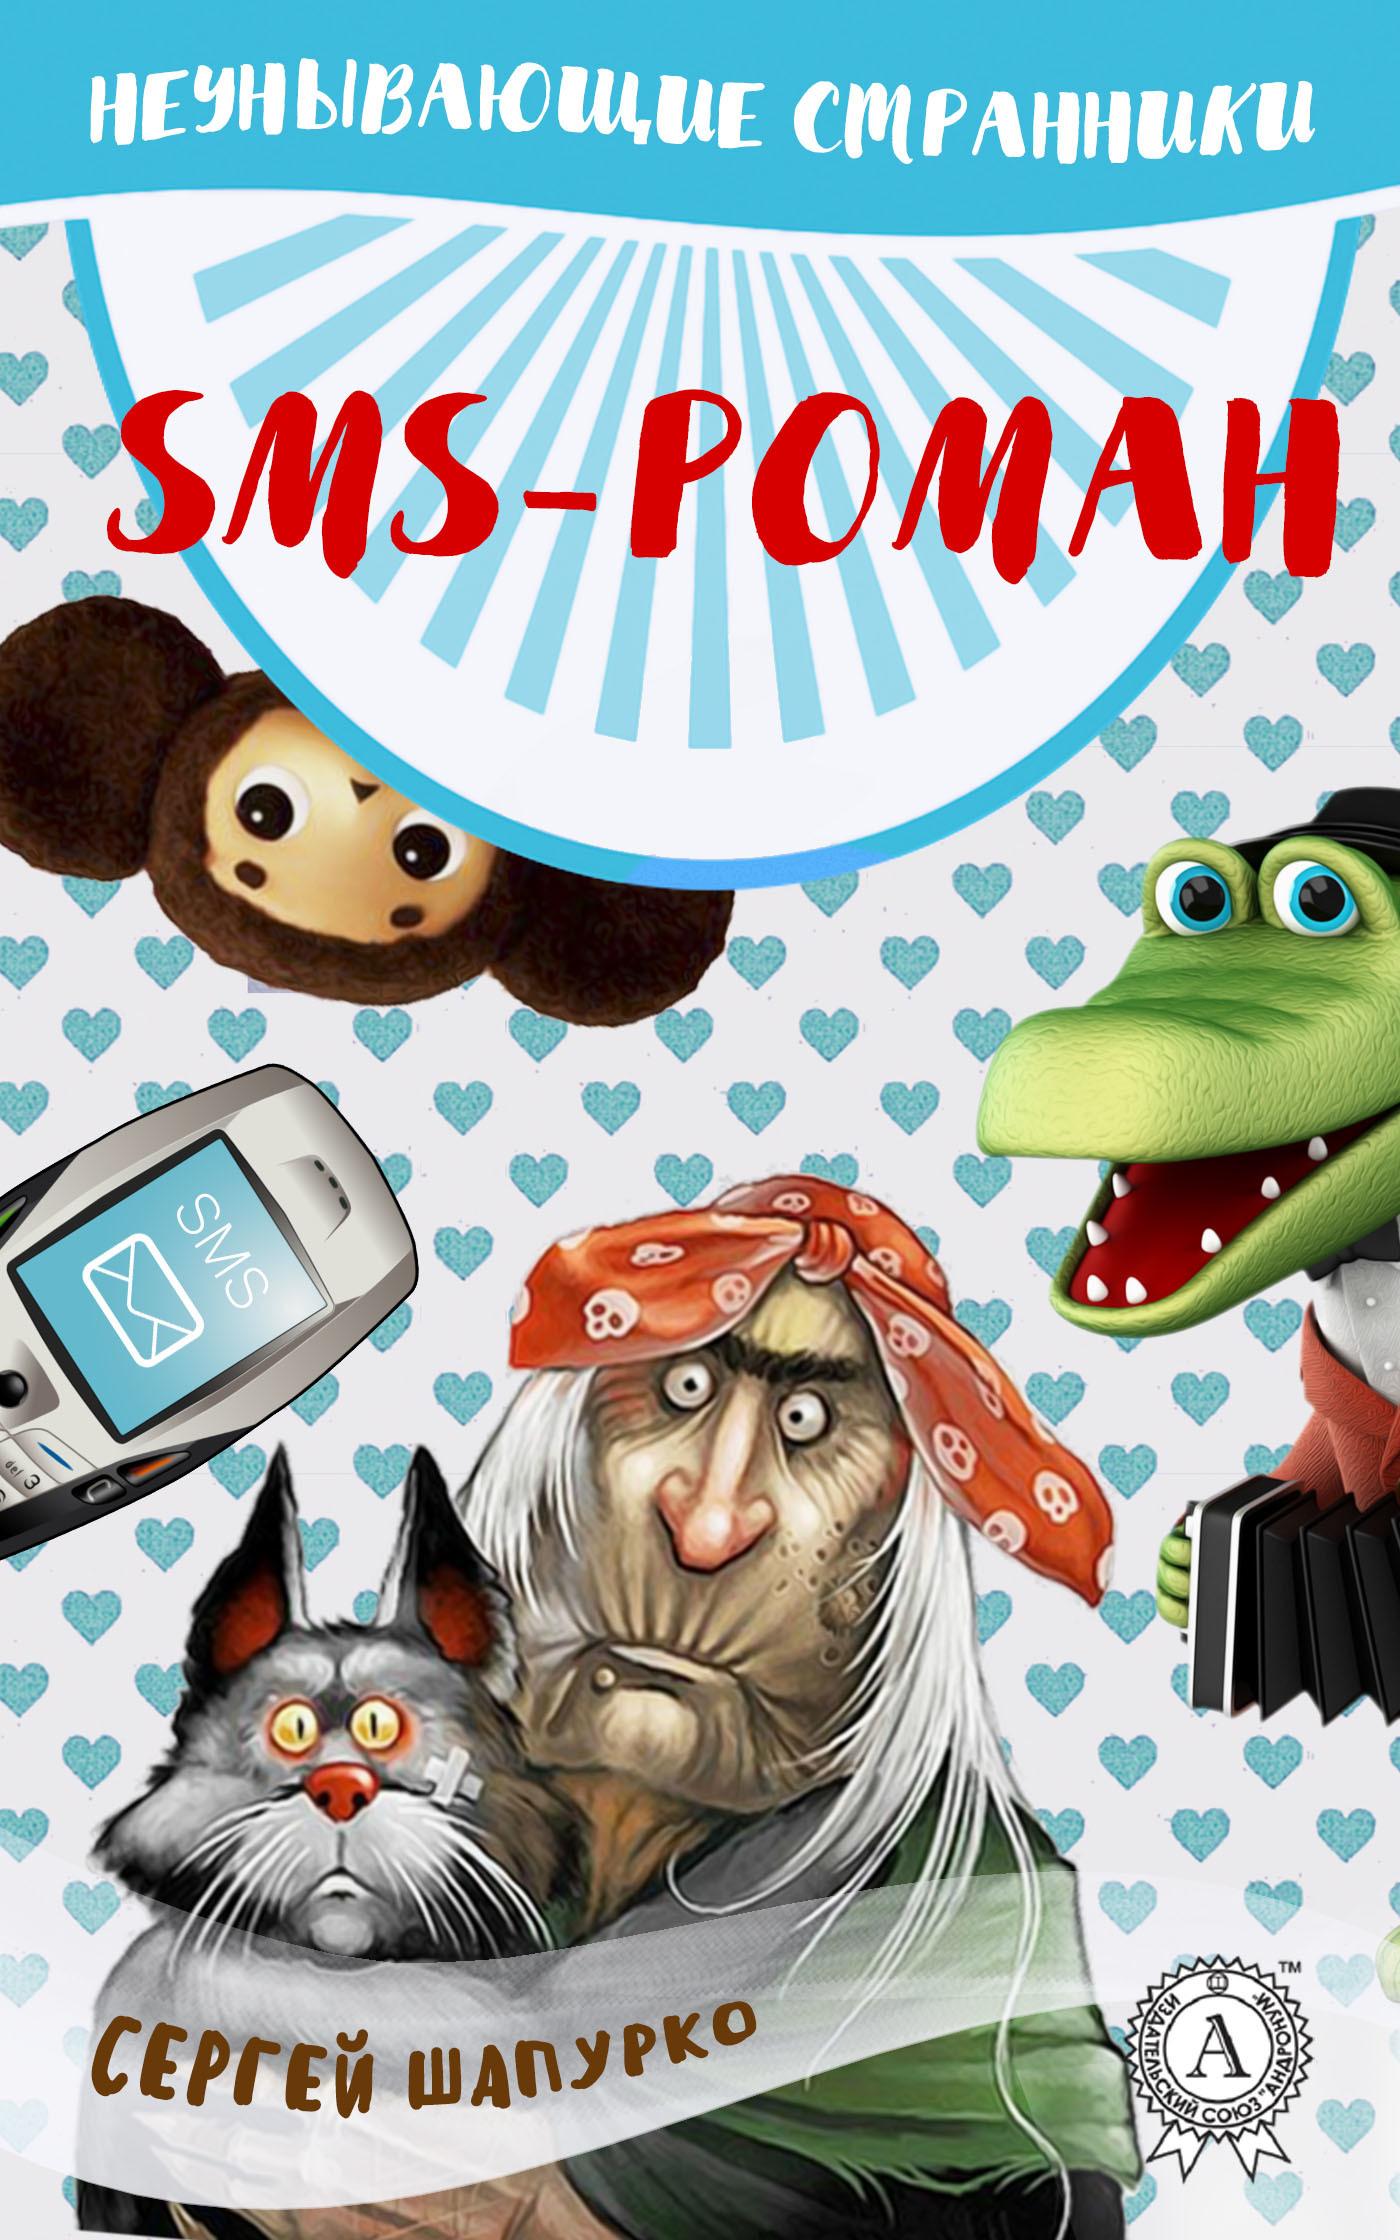 SMS-роман изменяется взволнованно и трагически